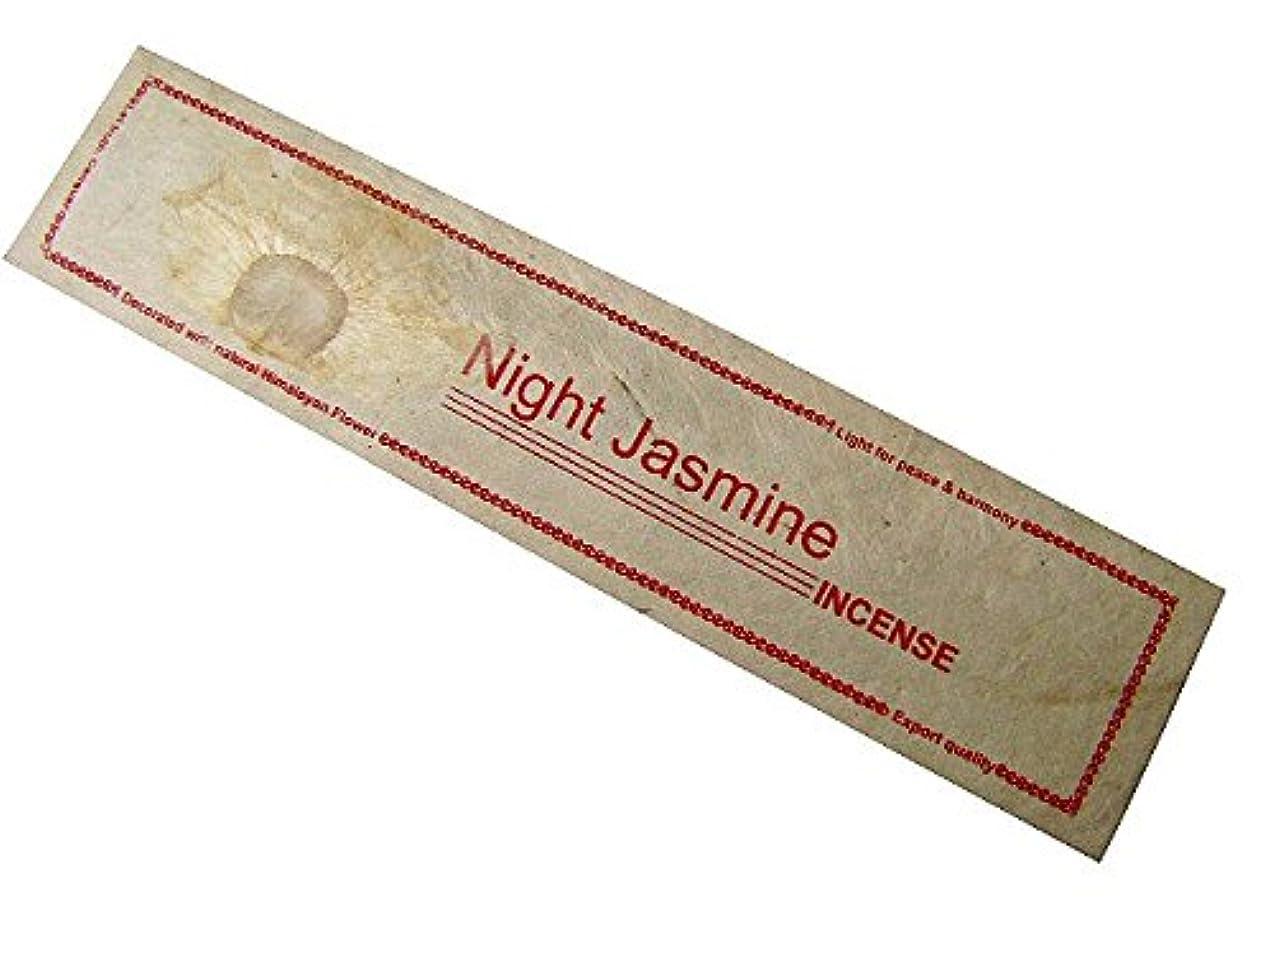 コンソールはず散るNEPAL INCENSE ネパールのロクタ紙にヒマラヤの押し花のお香【NightJasmineナイトジャスミン】 スティック